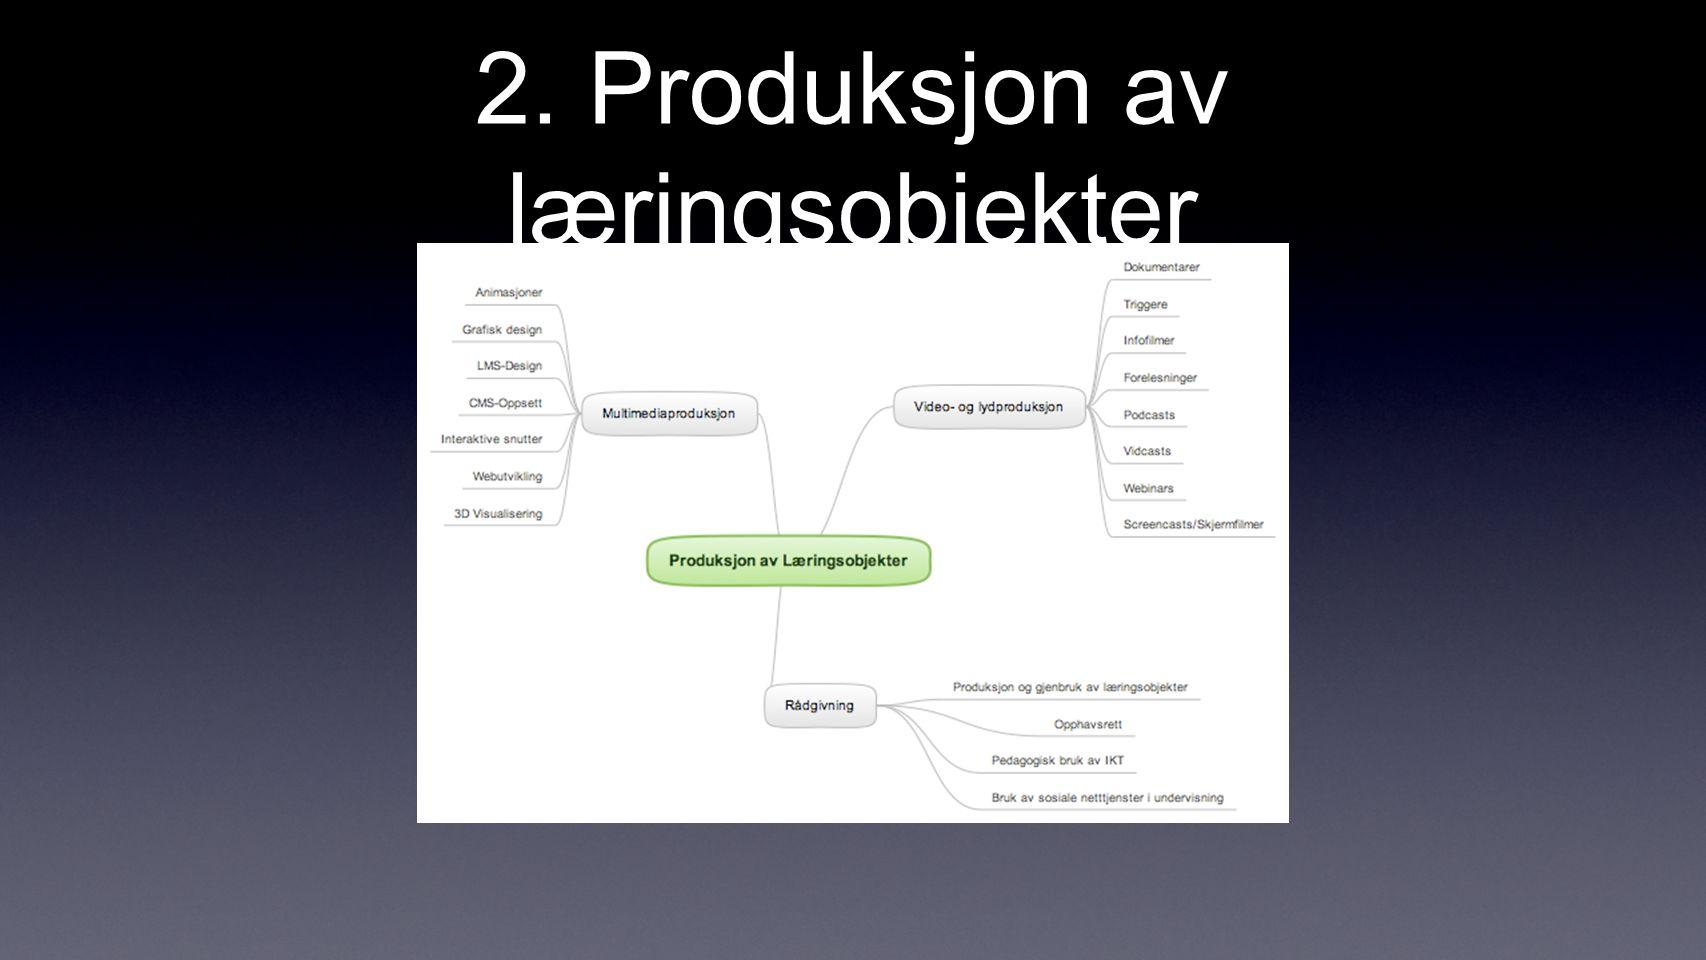 2. Produksjon av læringsobjekter